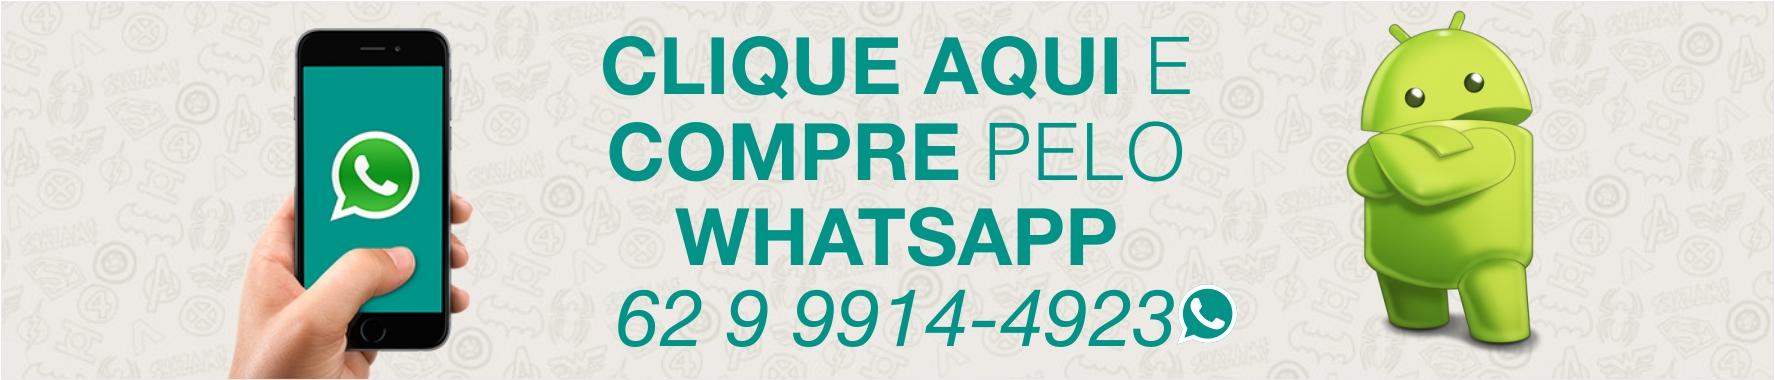 Clique aqui e compre pelo Whatsapp.